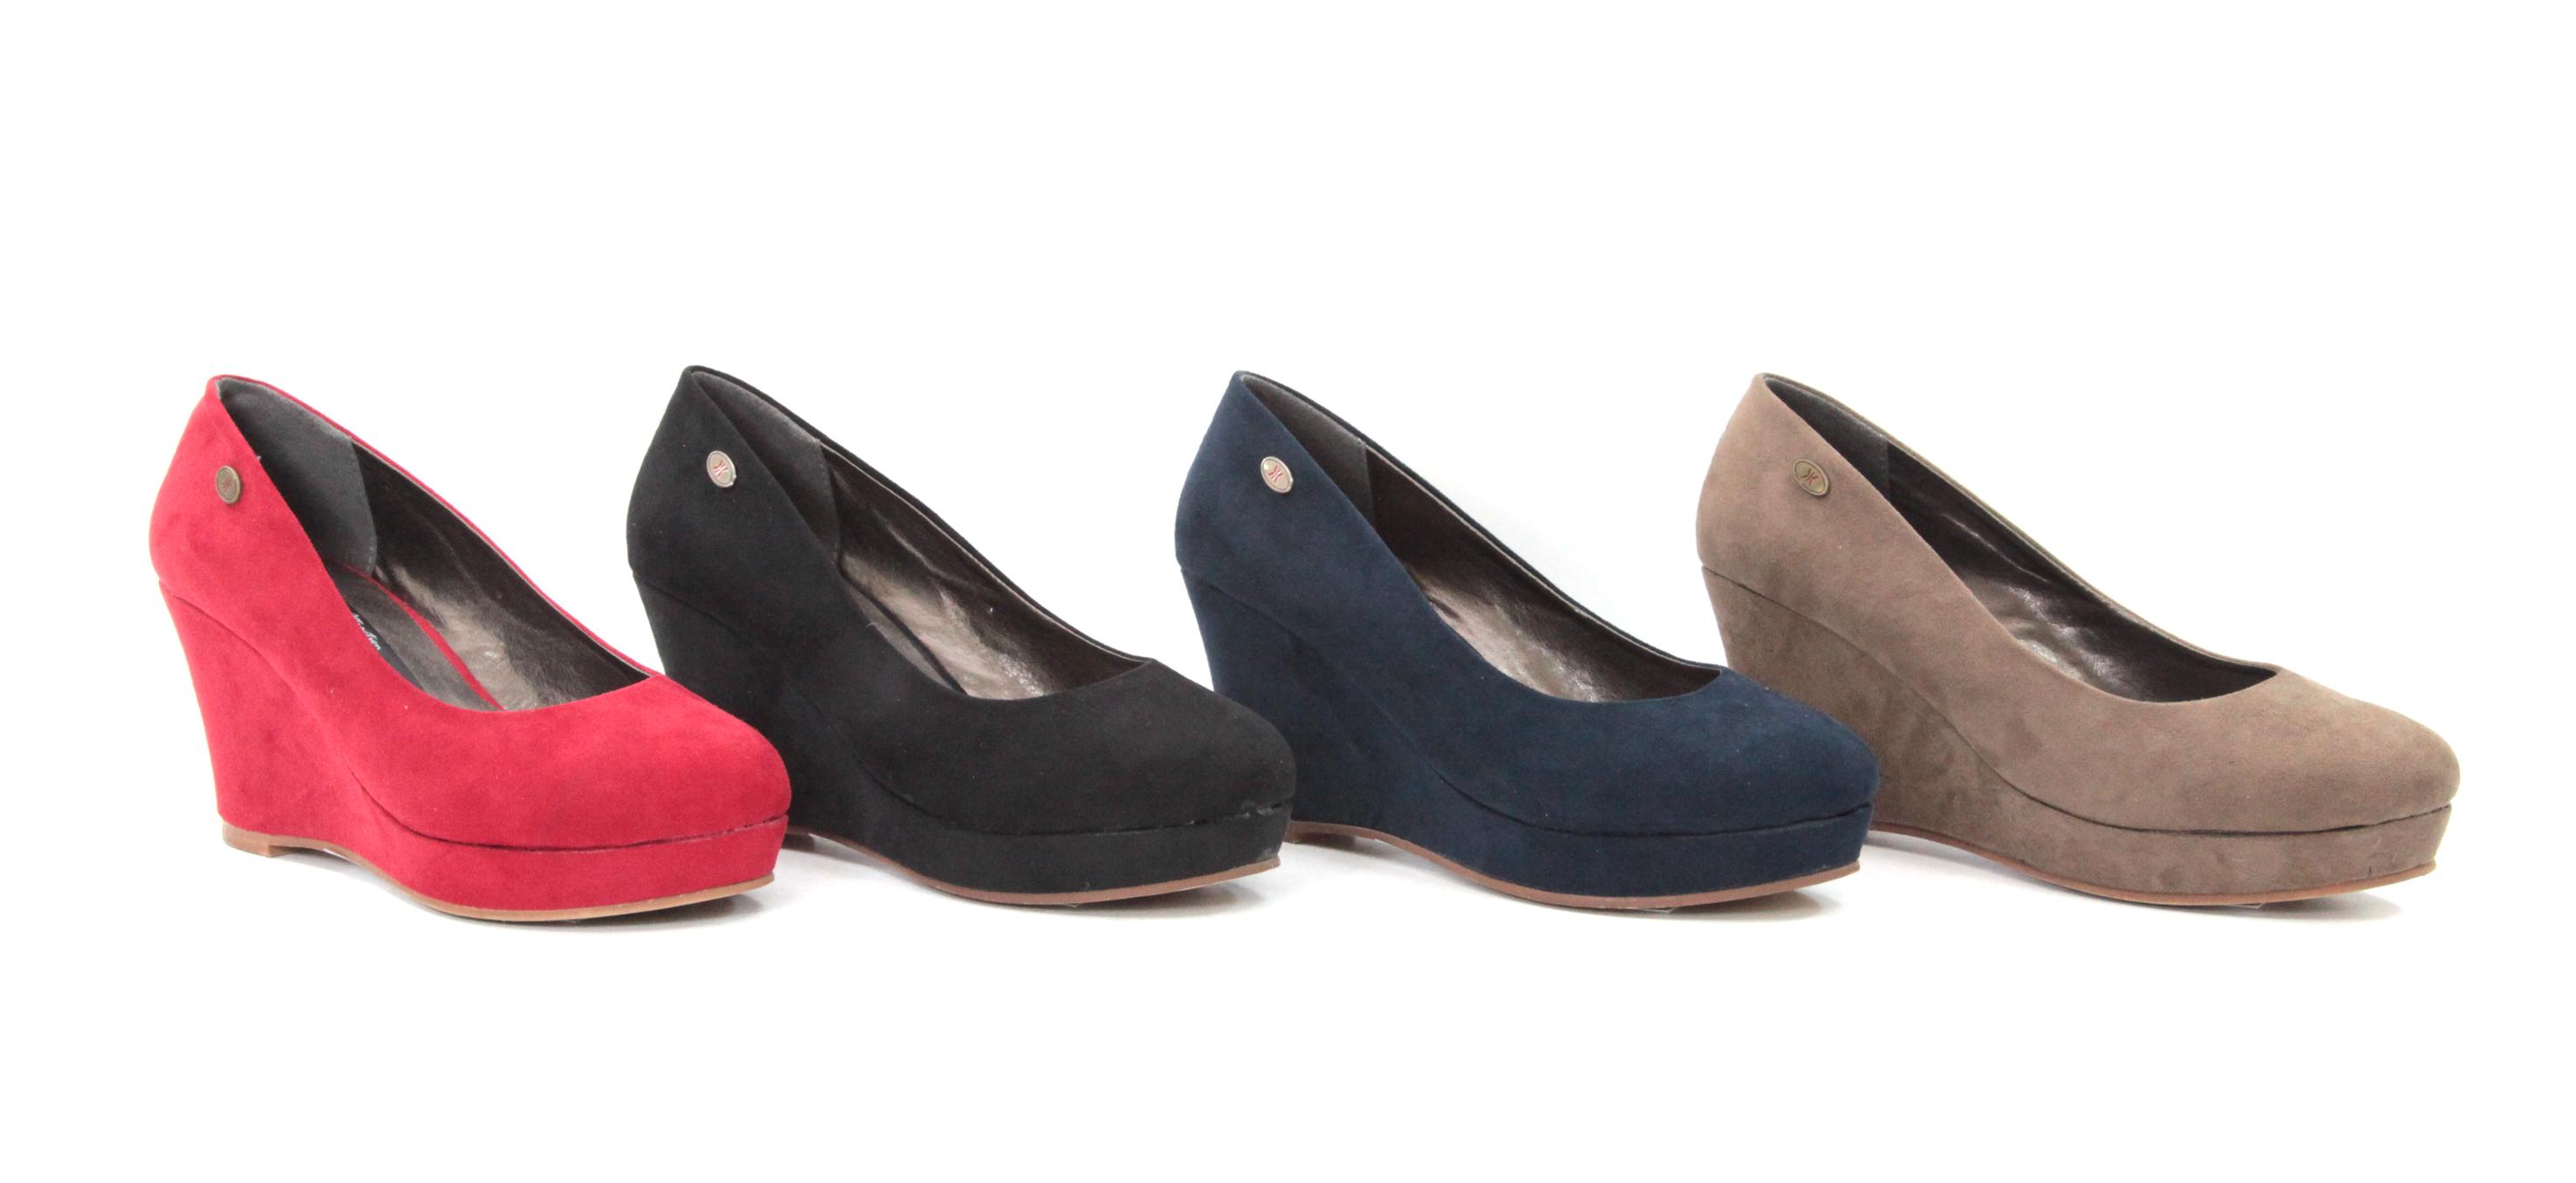 Dedos y zapatos atractivos